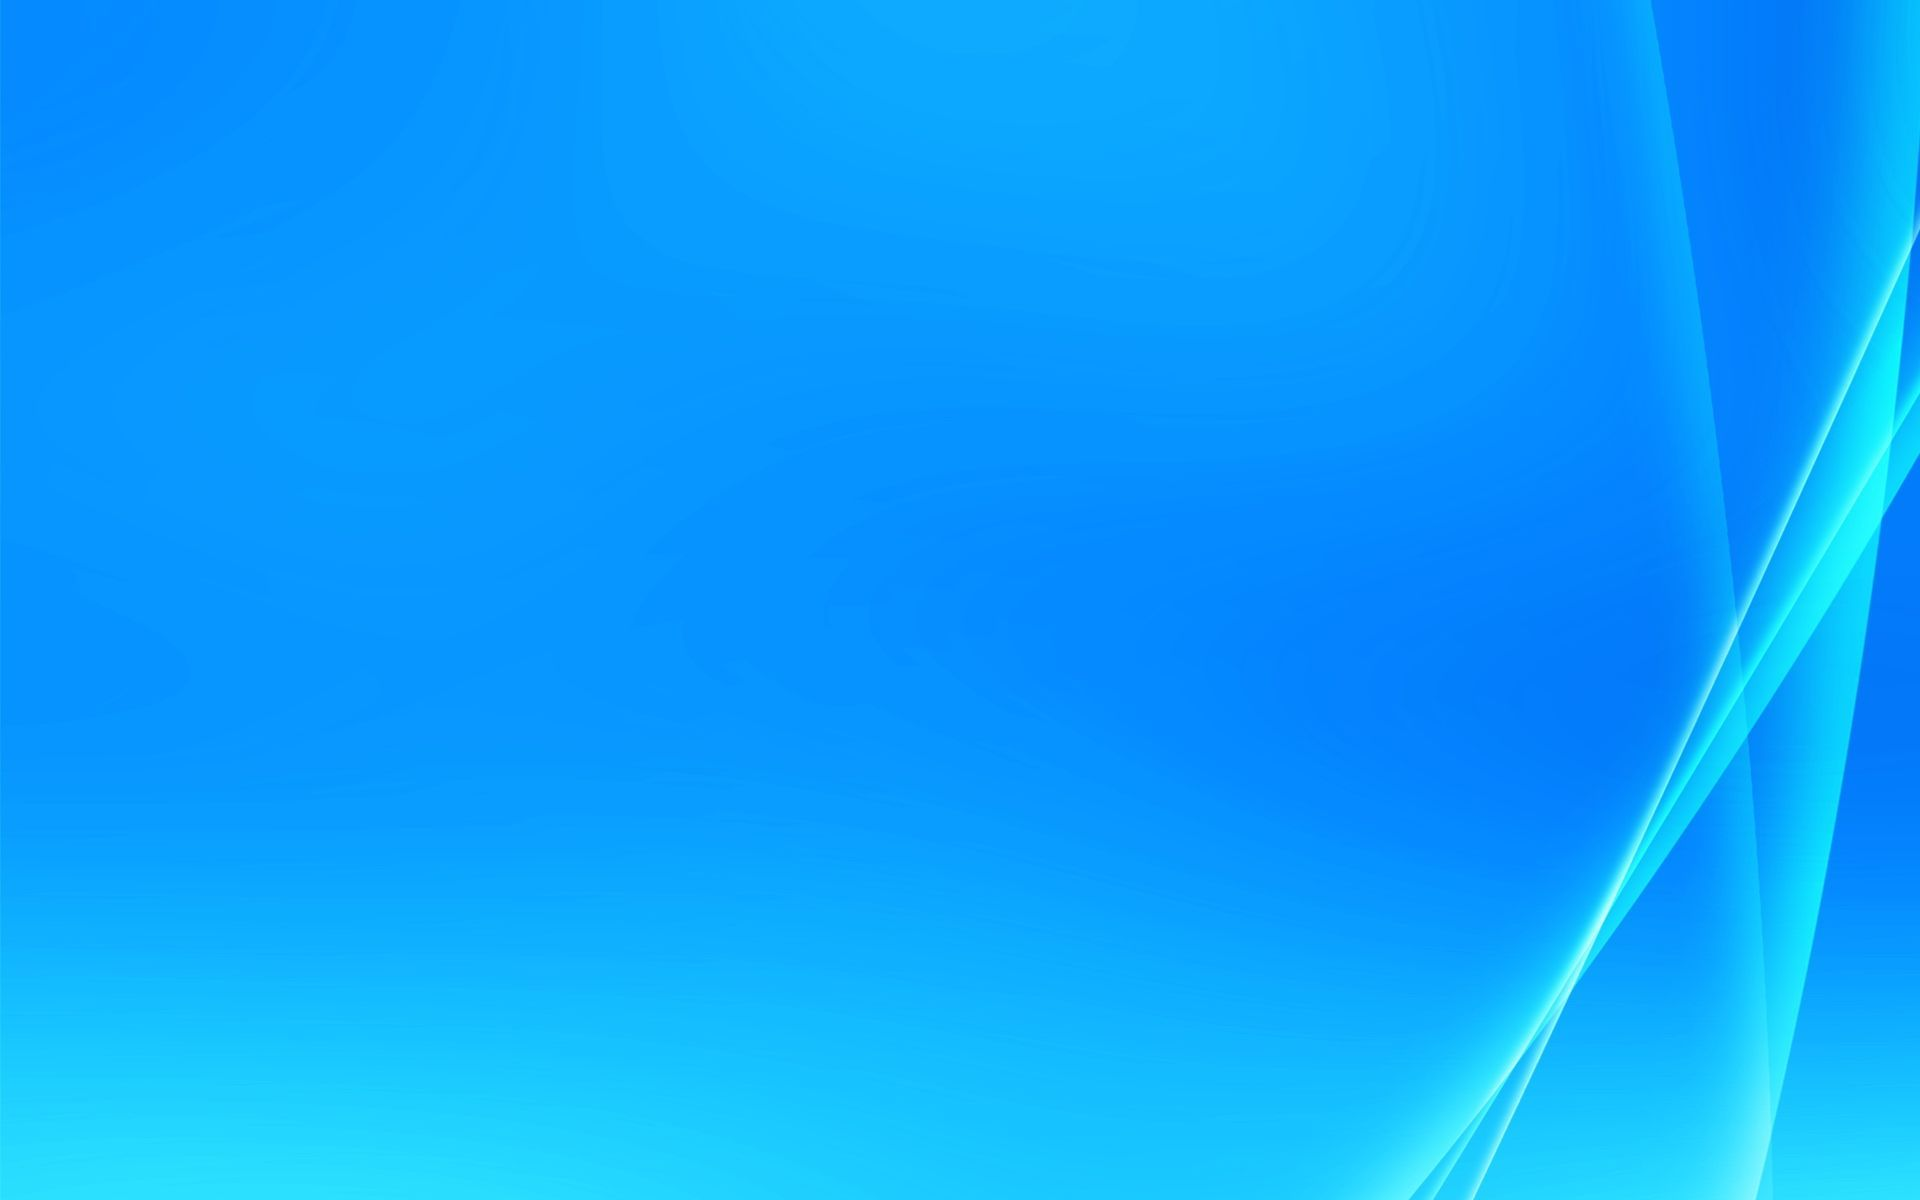 Blue Colour Wallpapers Desktop Blue Colour Wallpaper Colorful Wallpaper Blue Background Wallpapers